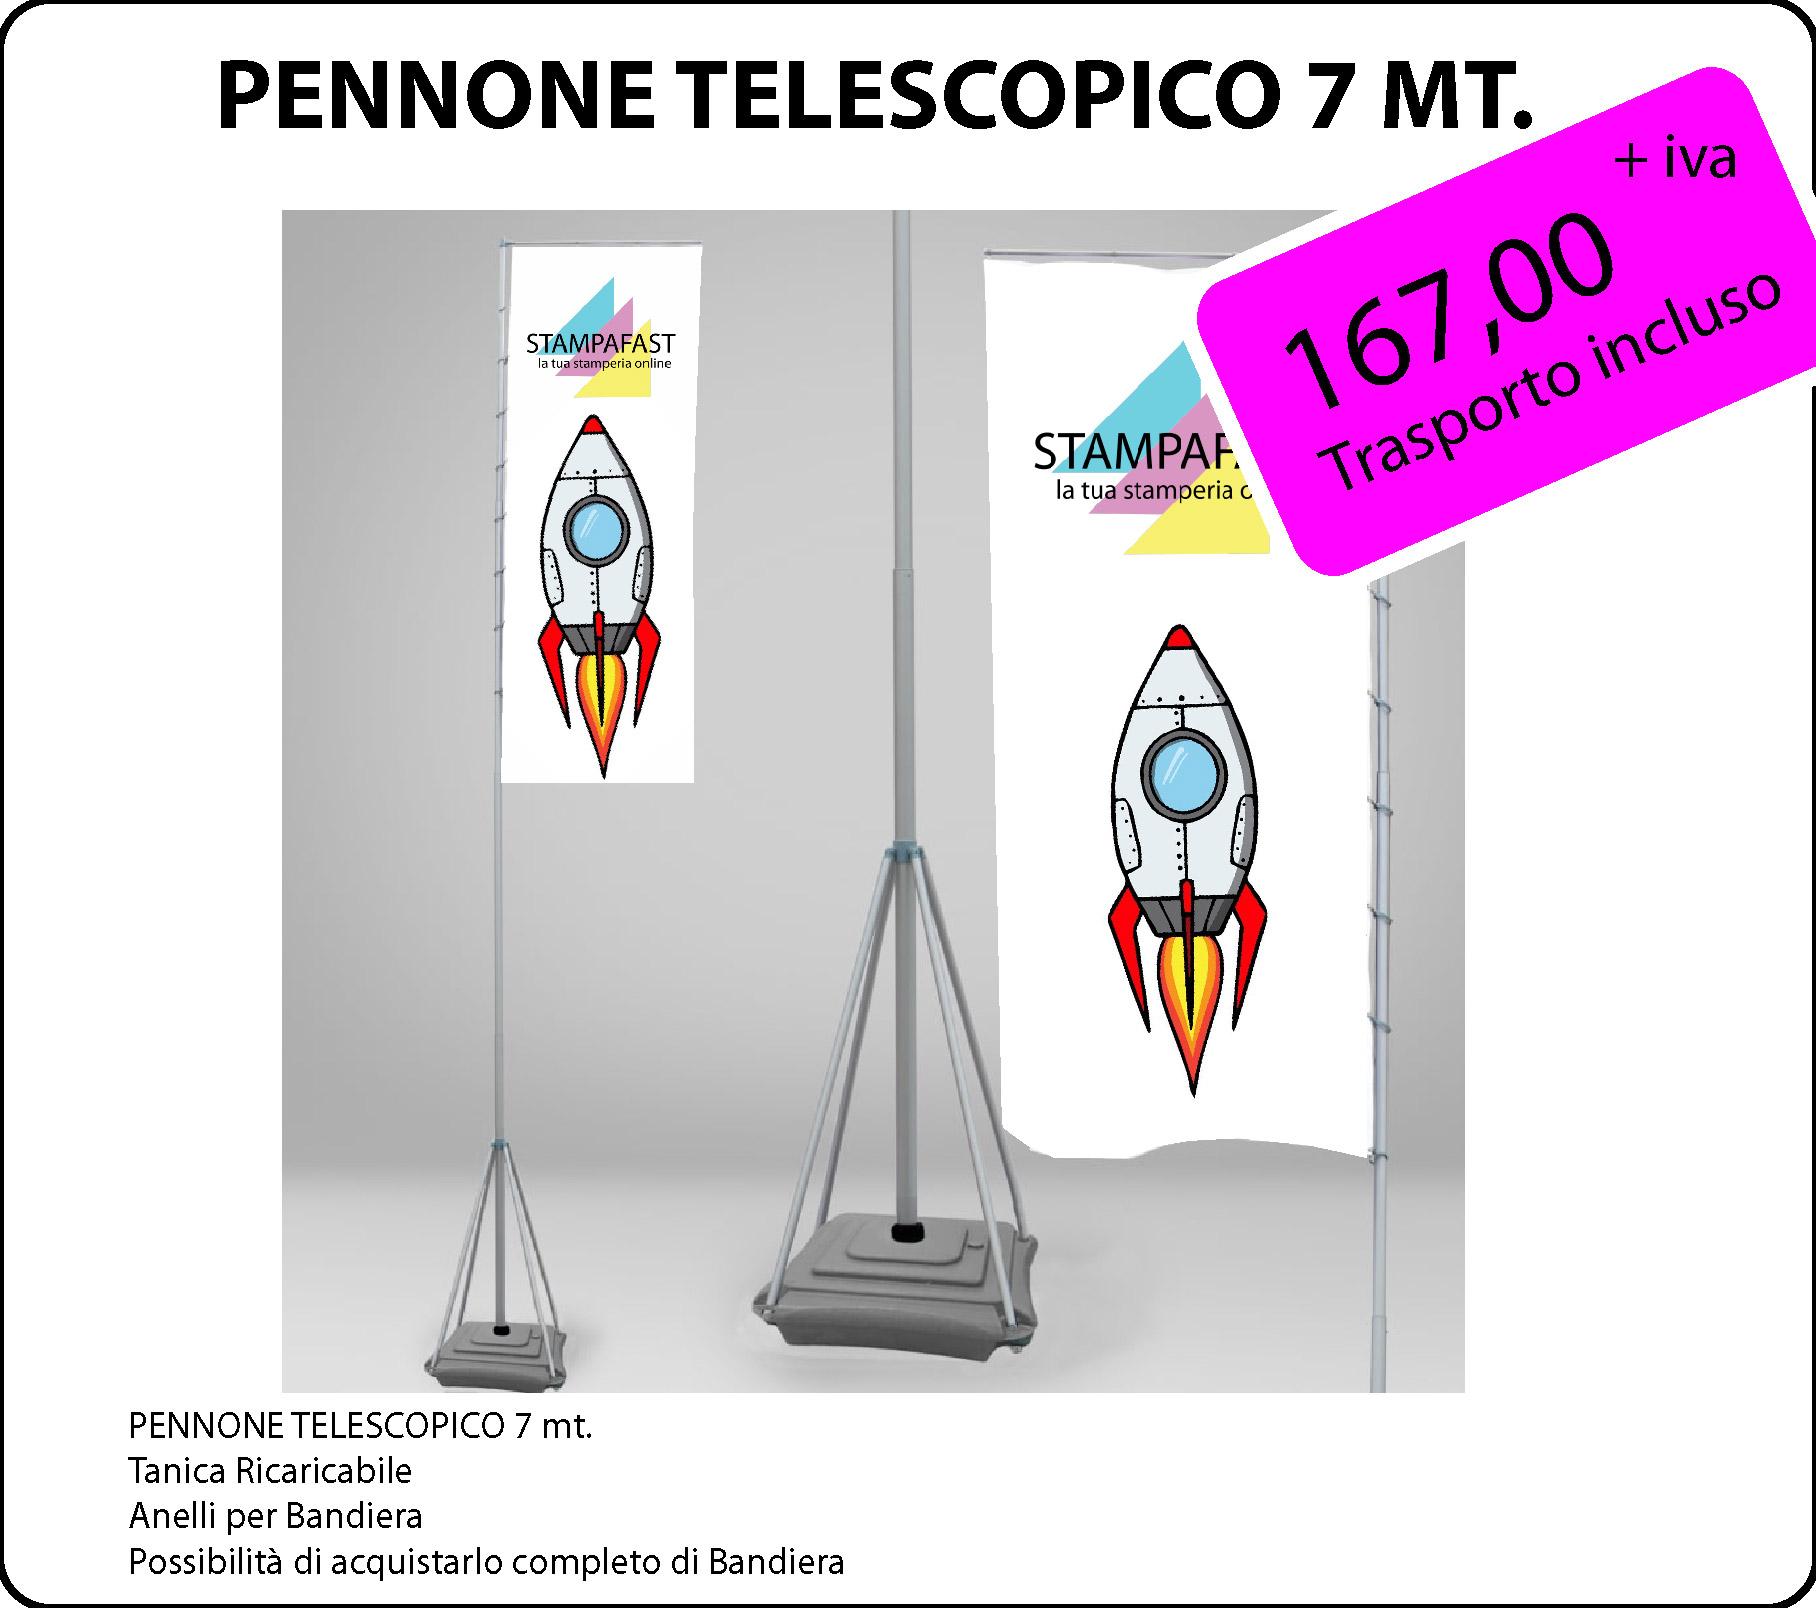 Pennone Telescopico